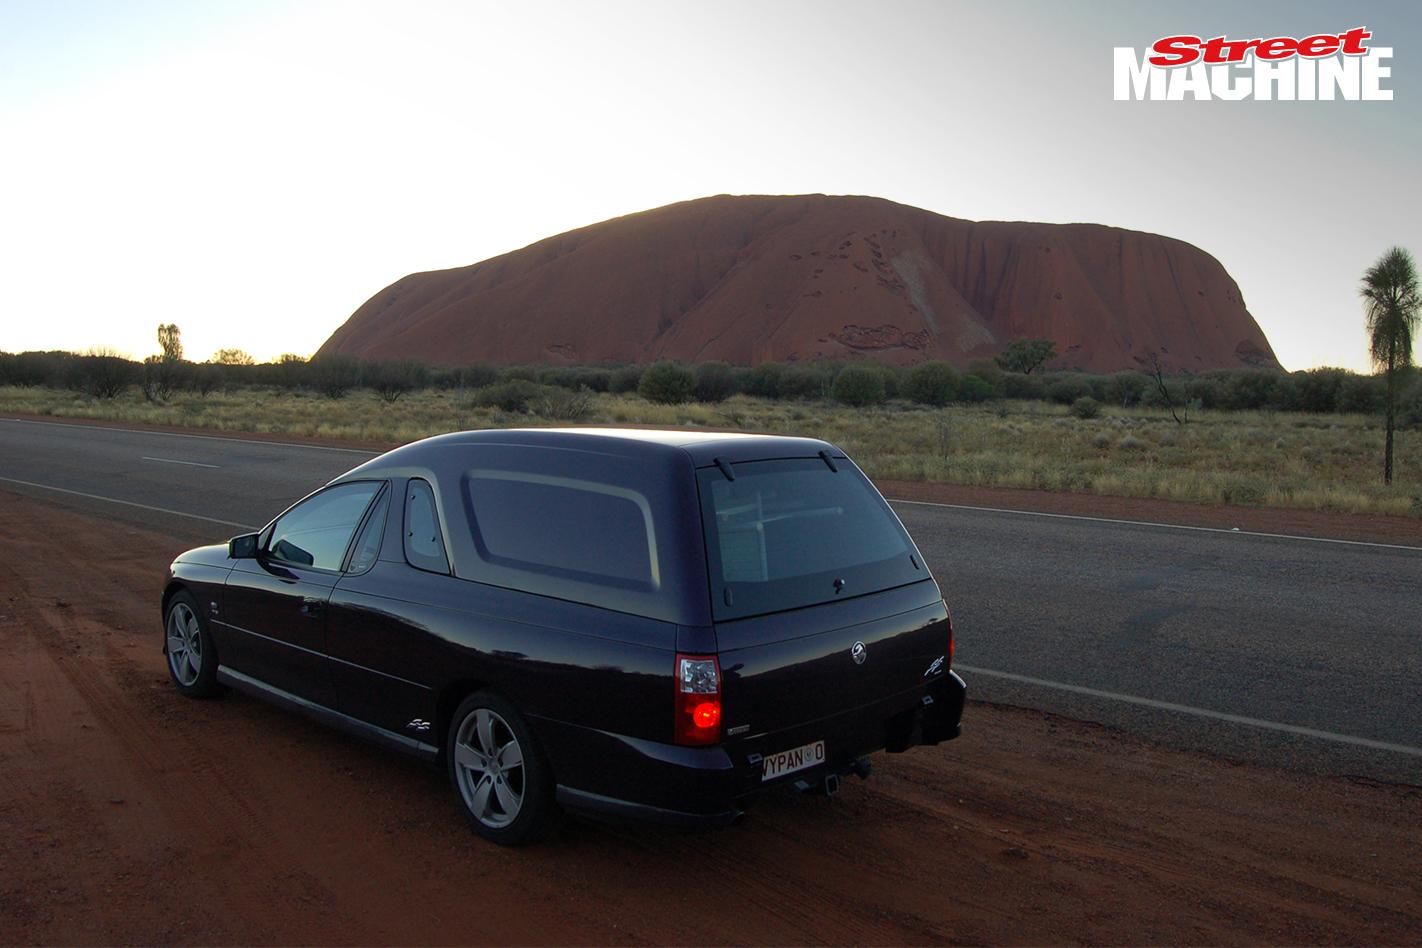 AUSTRALIA'S UNRESTRICTED-SPEED 'AUTOBAHN' IS KAPUT, AGAIN